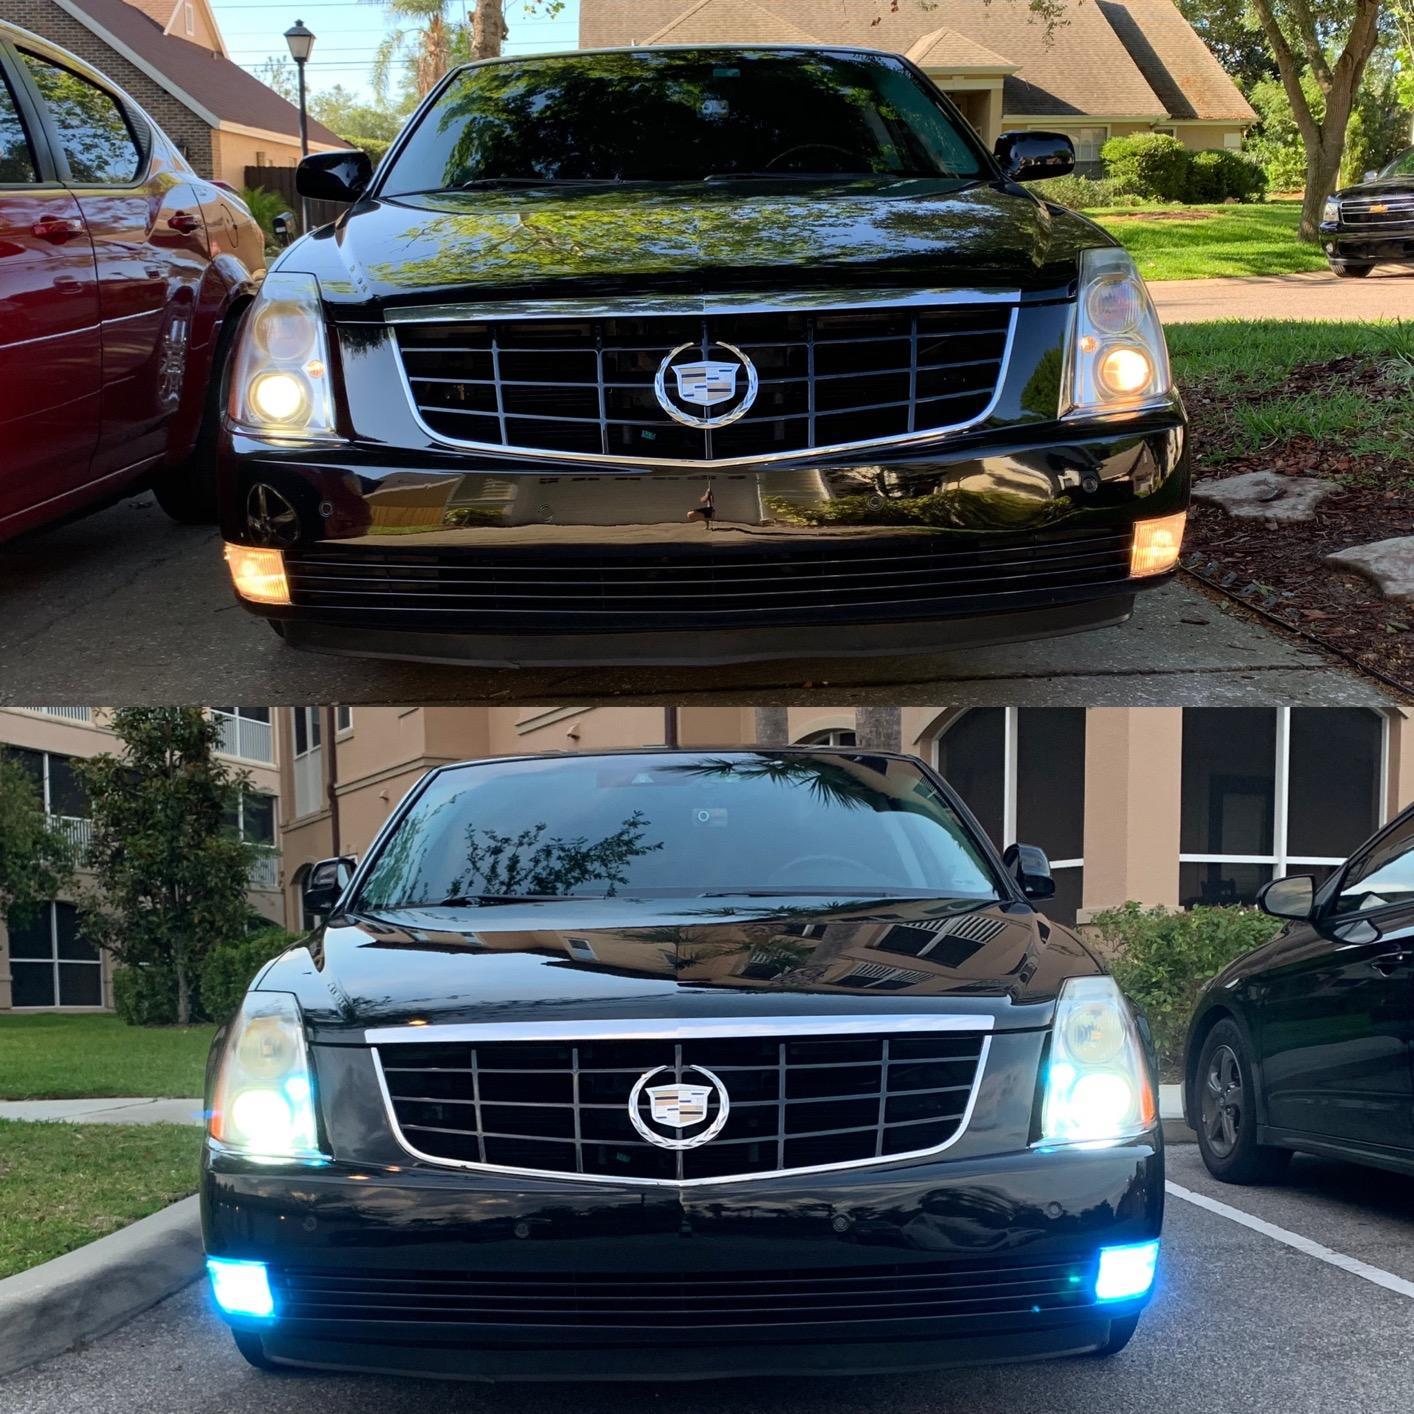 H10-9145-9140-LED-Fog-Lights-Bulb-8000k-blue-vs-halogen-lamp-9045-DRL